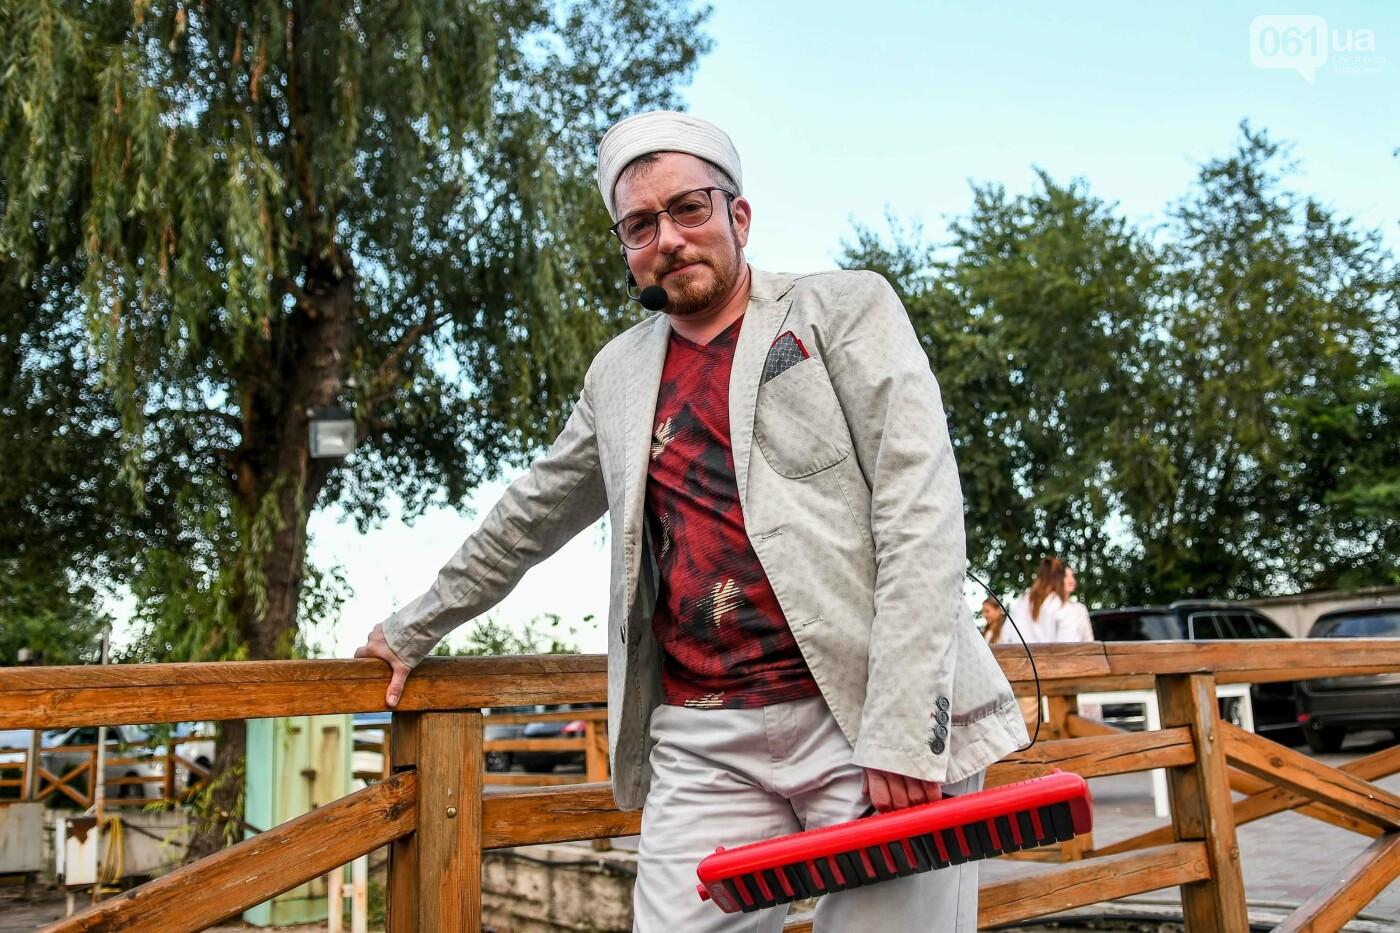 Пианист-виртуоз Майк Кауфман-Портников сыграл джазовый концерт в Запорожье, - ФОТОРЕПОРТАЖ, фото-7